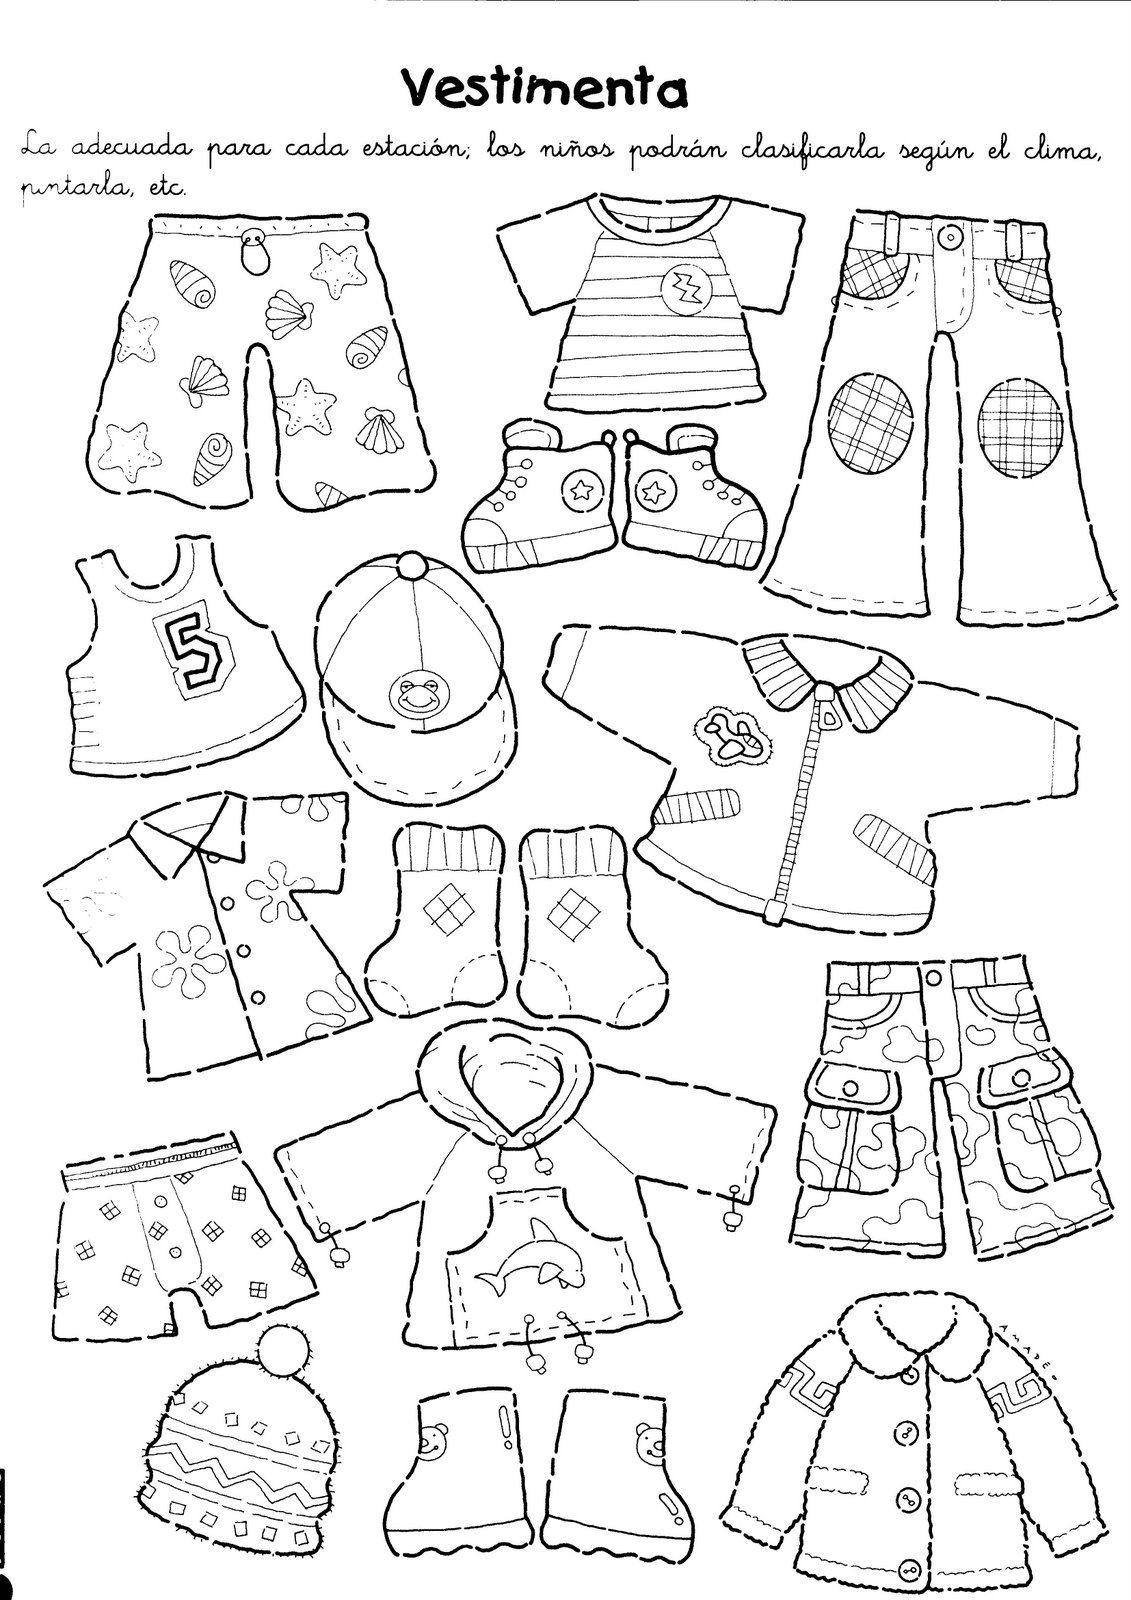 Dibujos De La Ropa De Las Estaciones Revista Maestra Infantil Buscar Con Google Maestra Infantil Revista Maestra Infantil Libros De Fieltro